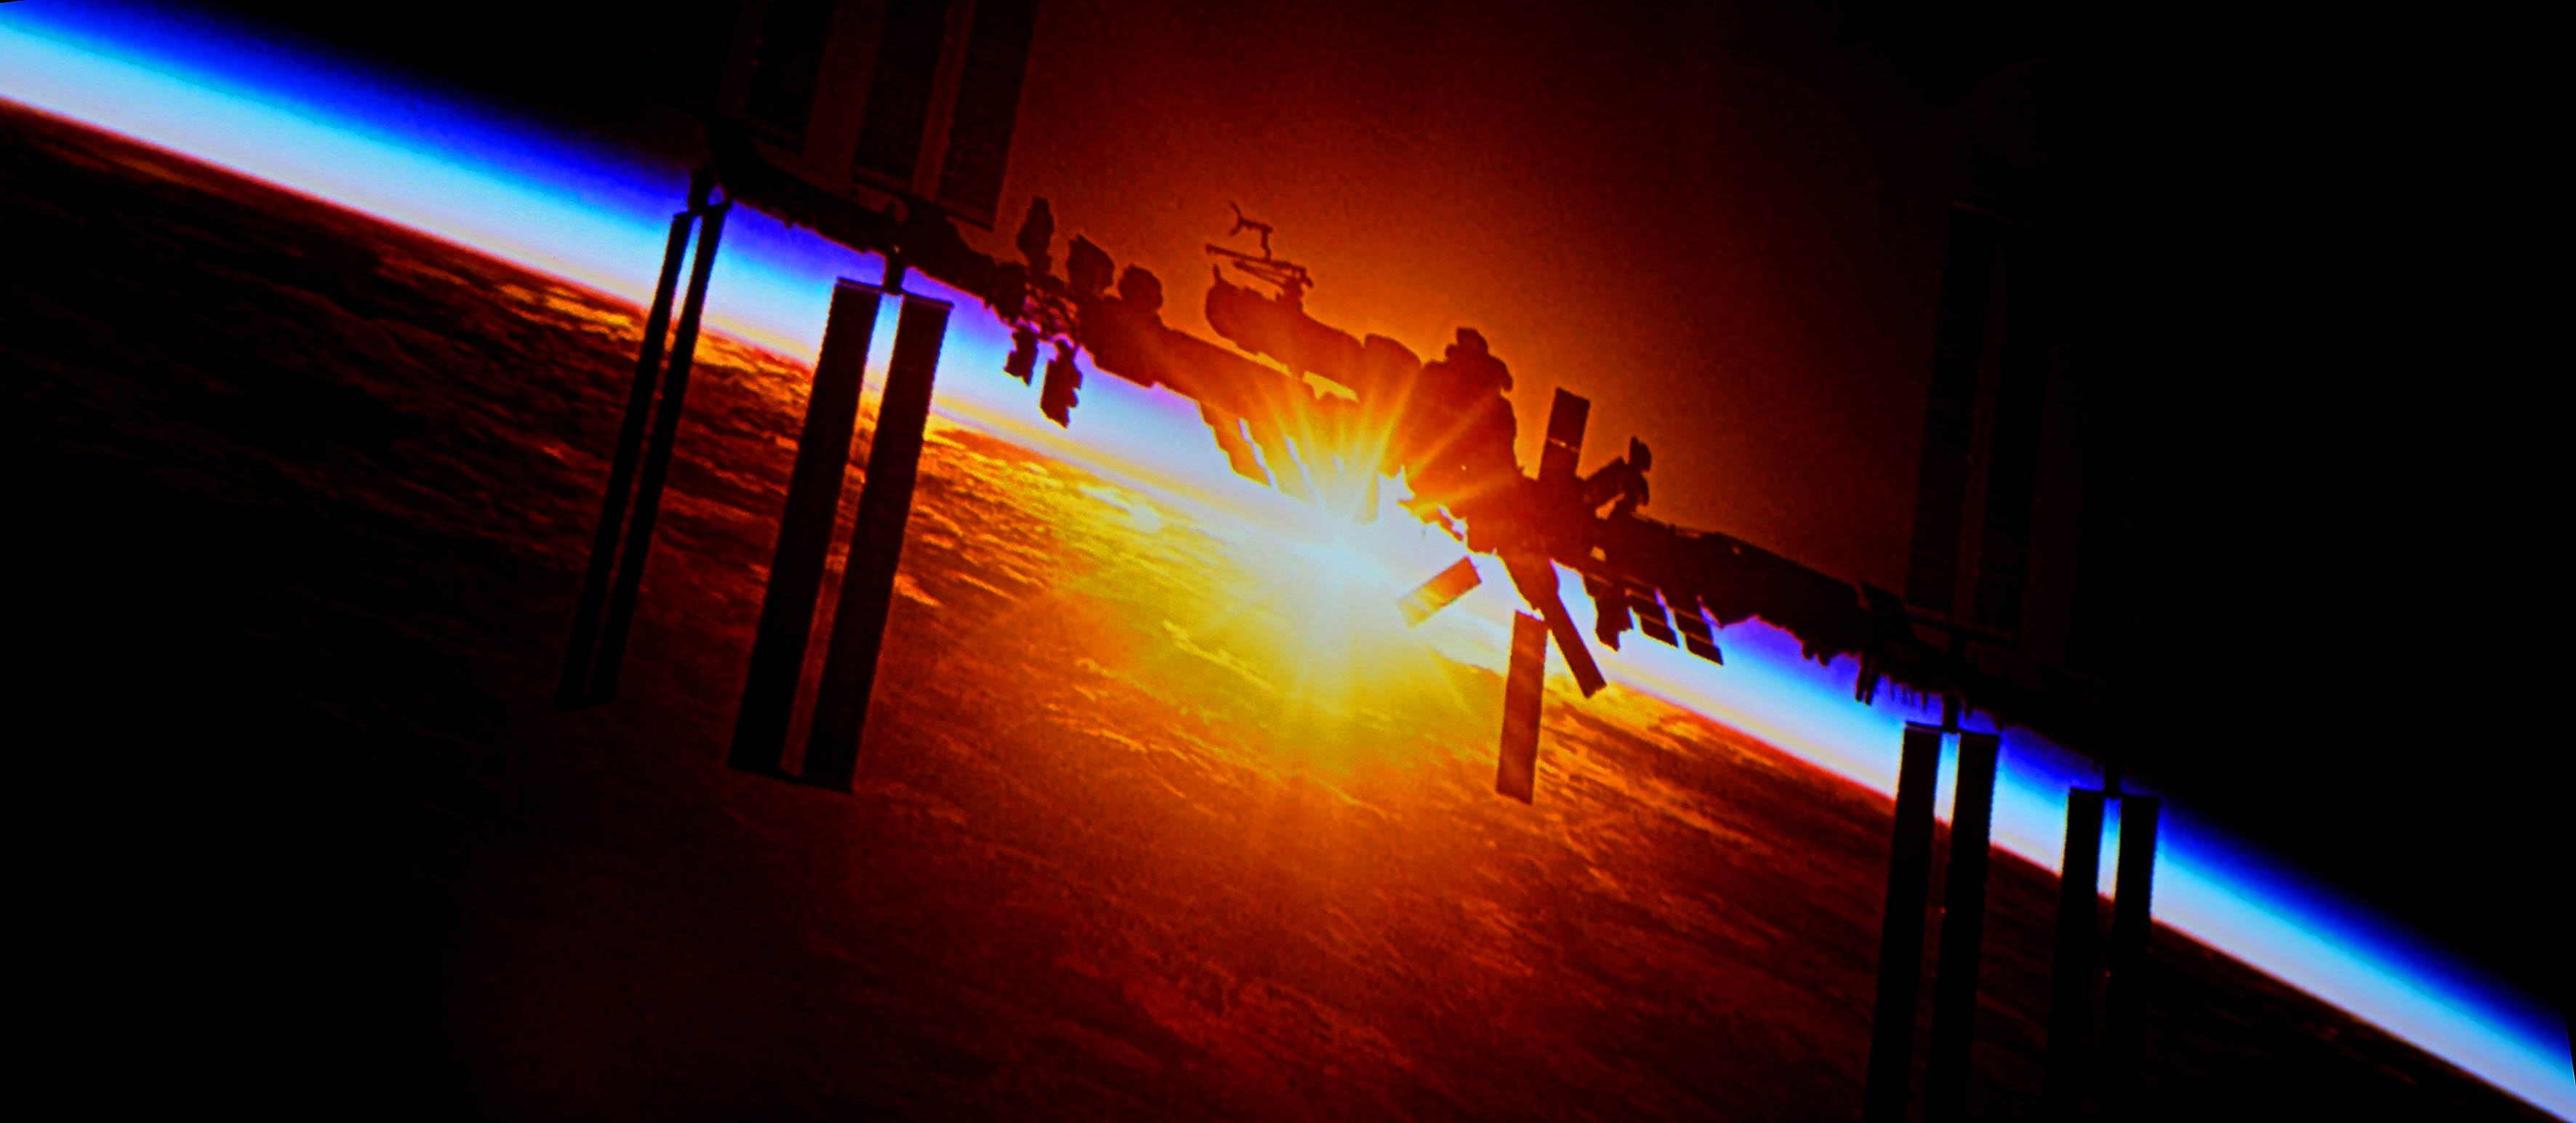 Raumstation ISS aus dem Spielfilm LIFE von Sony Home Entertainment.